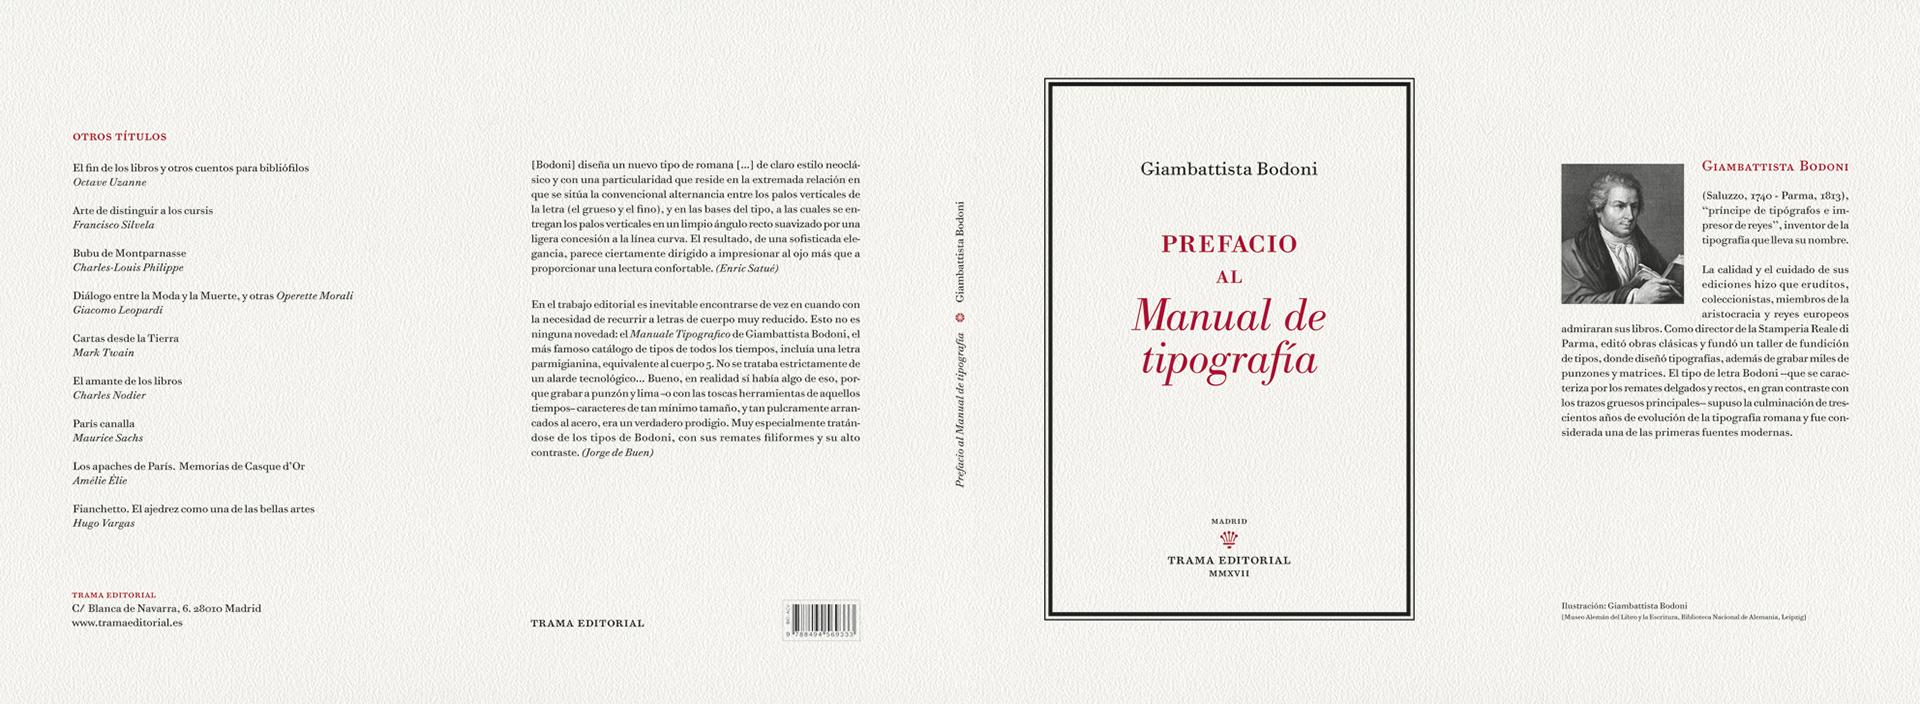 Calamar Edición & Diseño - Libro \